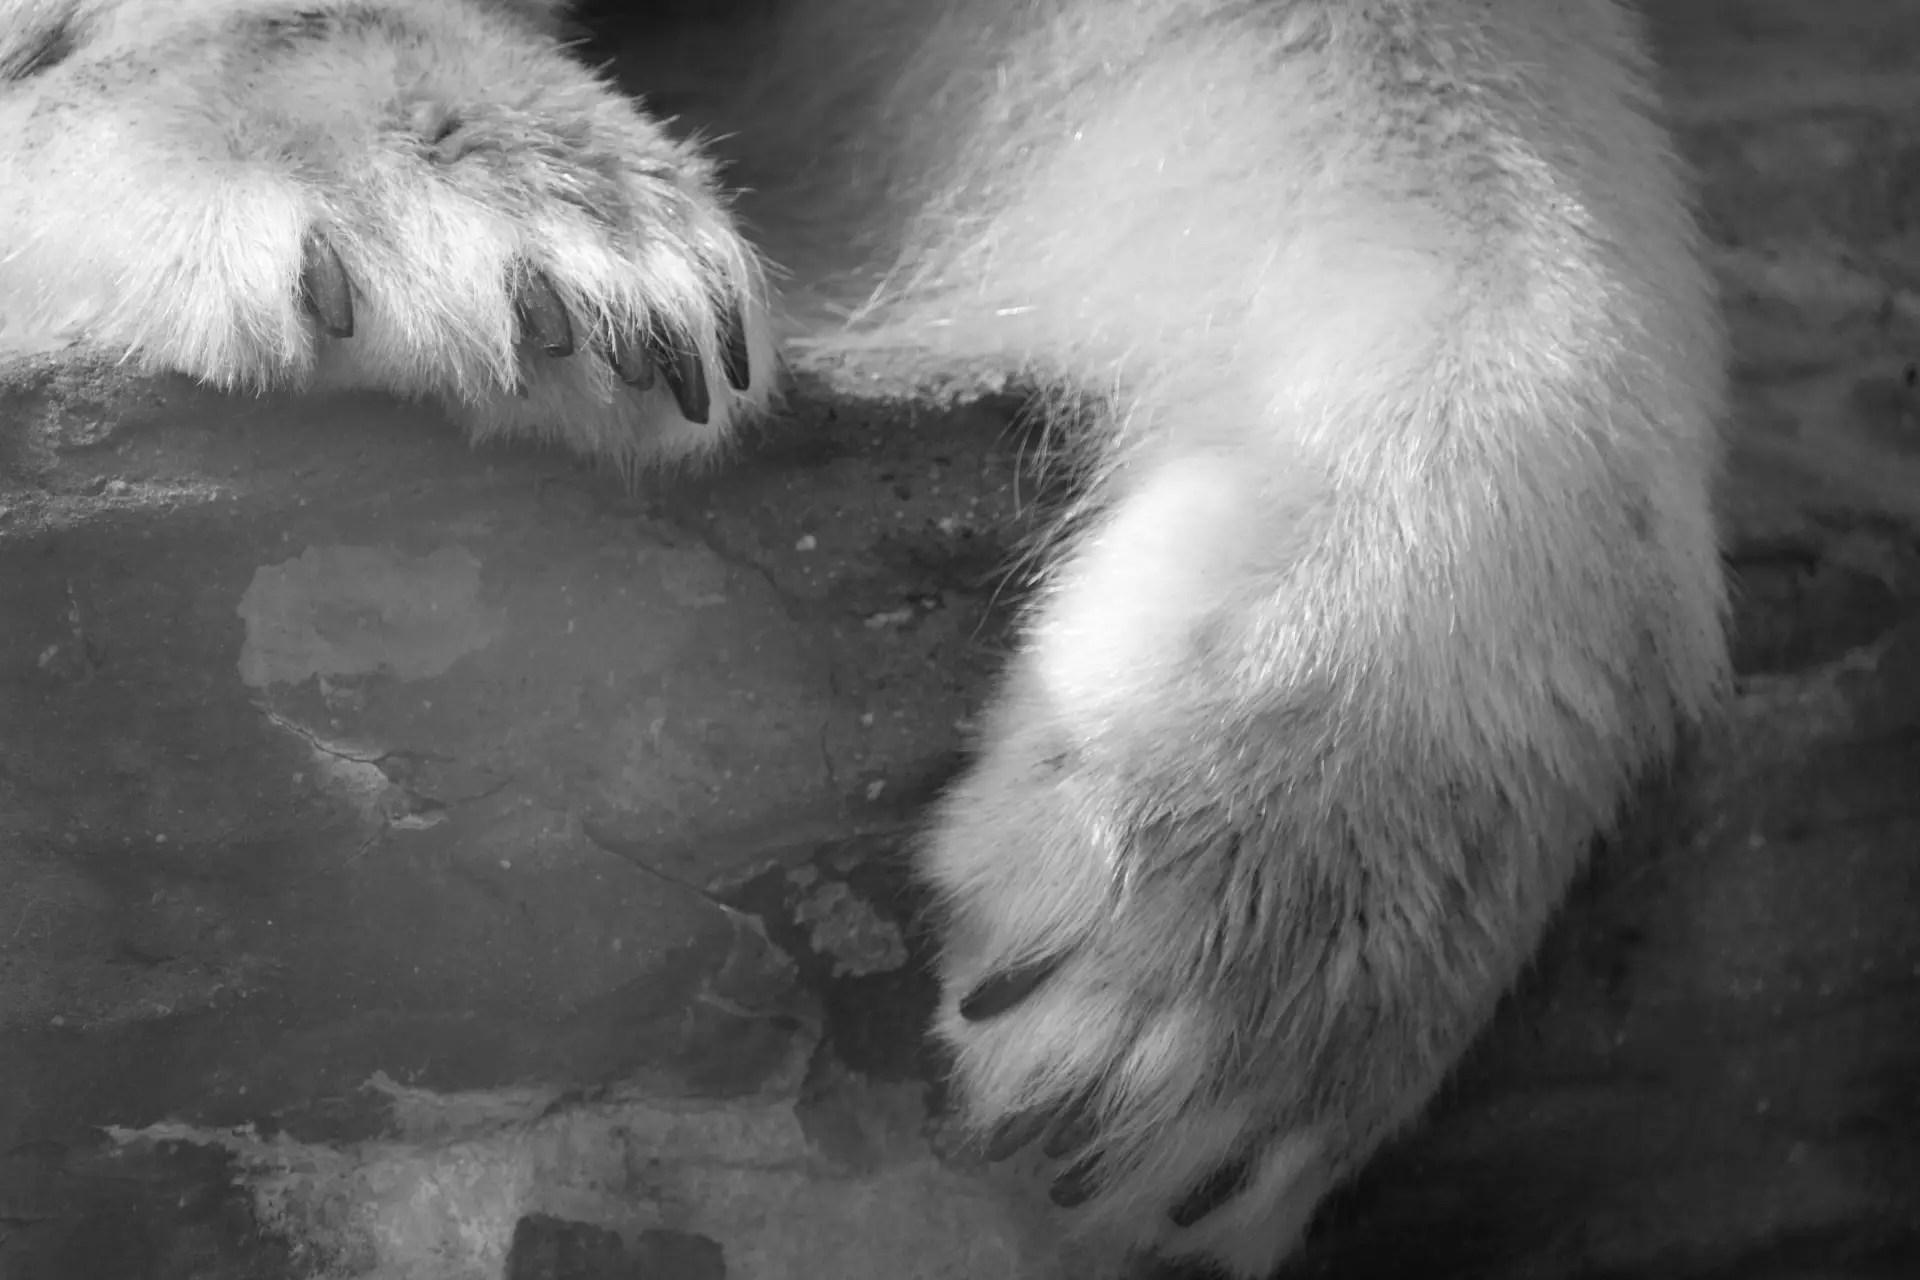 Voguish Polar Bear Claws Polar Bear Claws How Long Are Polar Bear Polar Bear Paws Facts Polar Bear Paws Adaptation nice food Polar Bear Paw